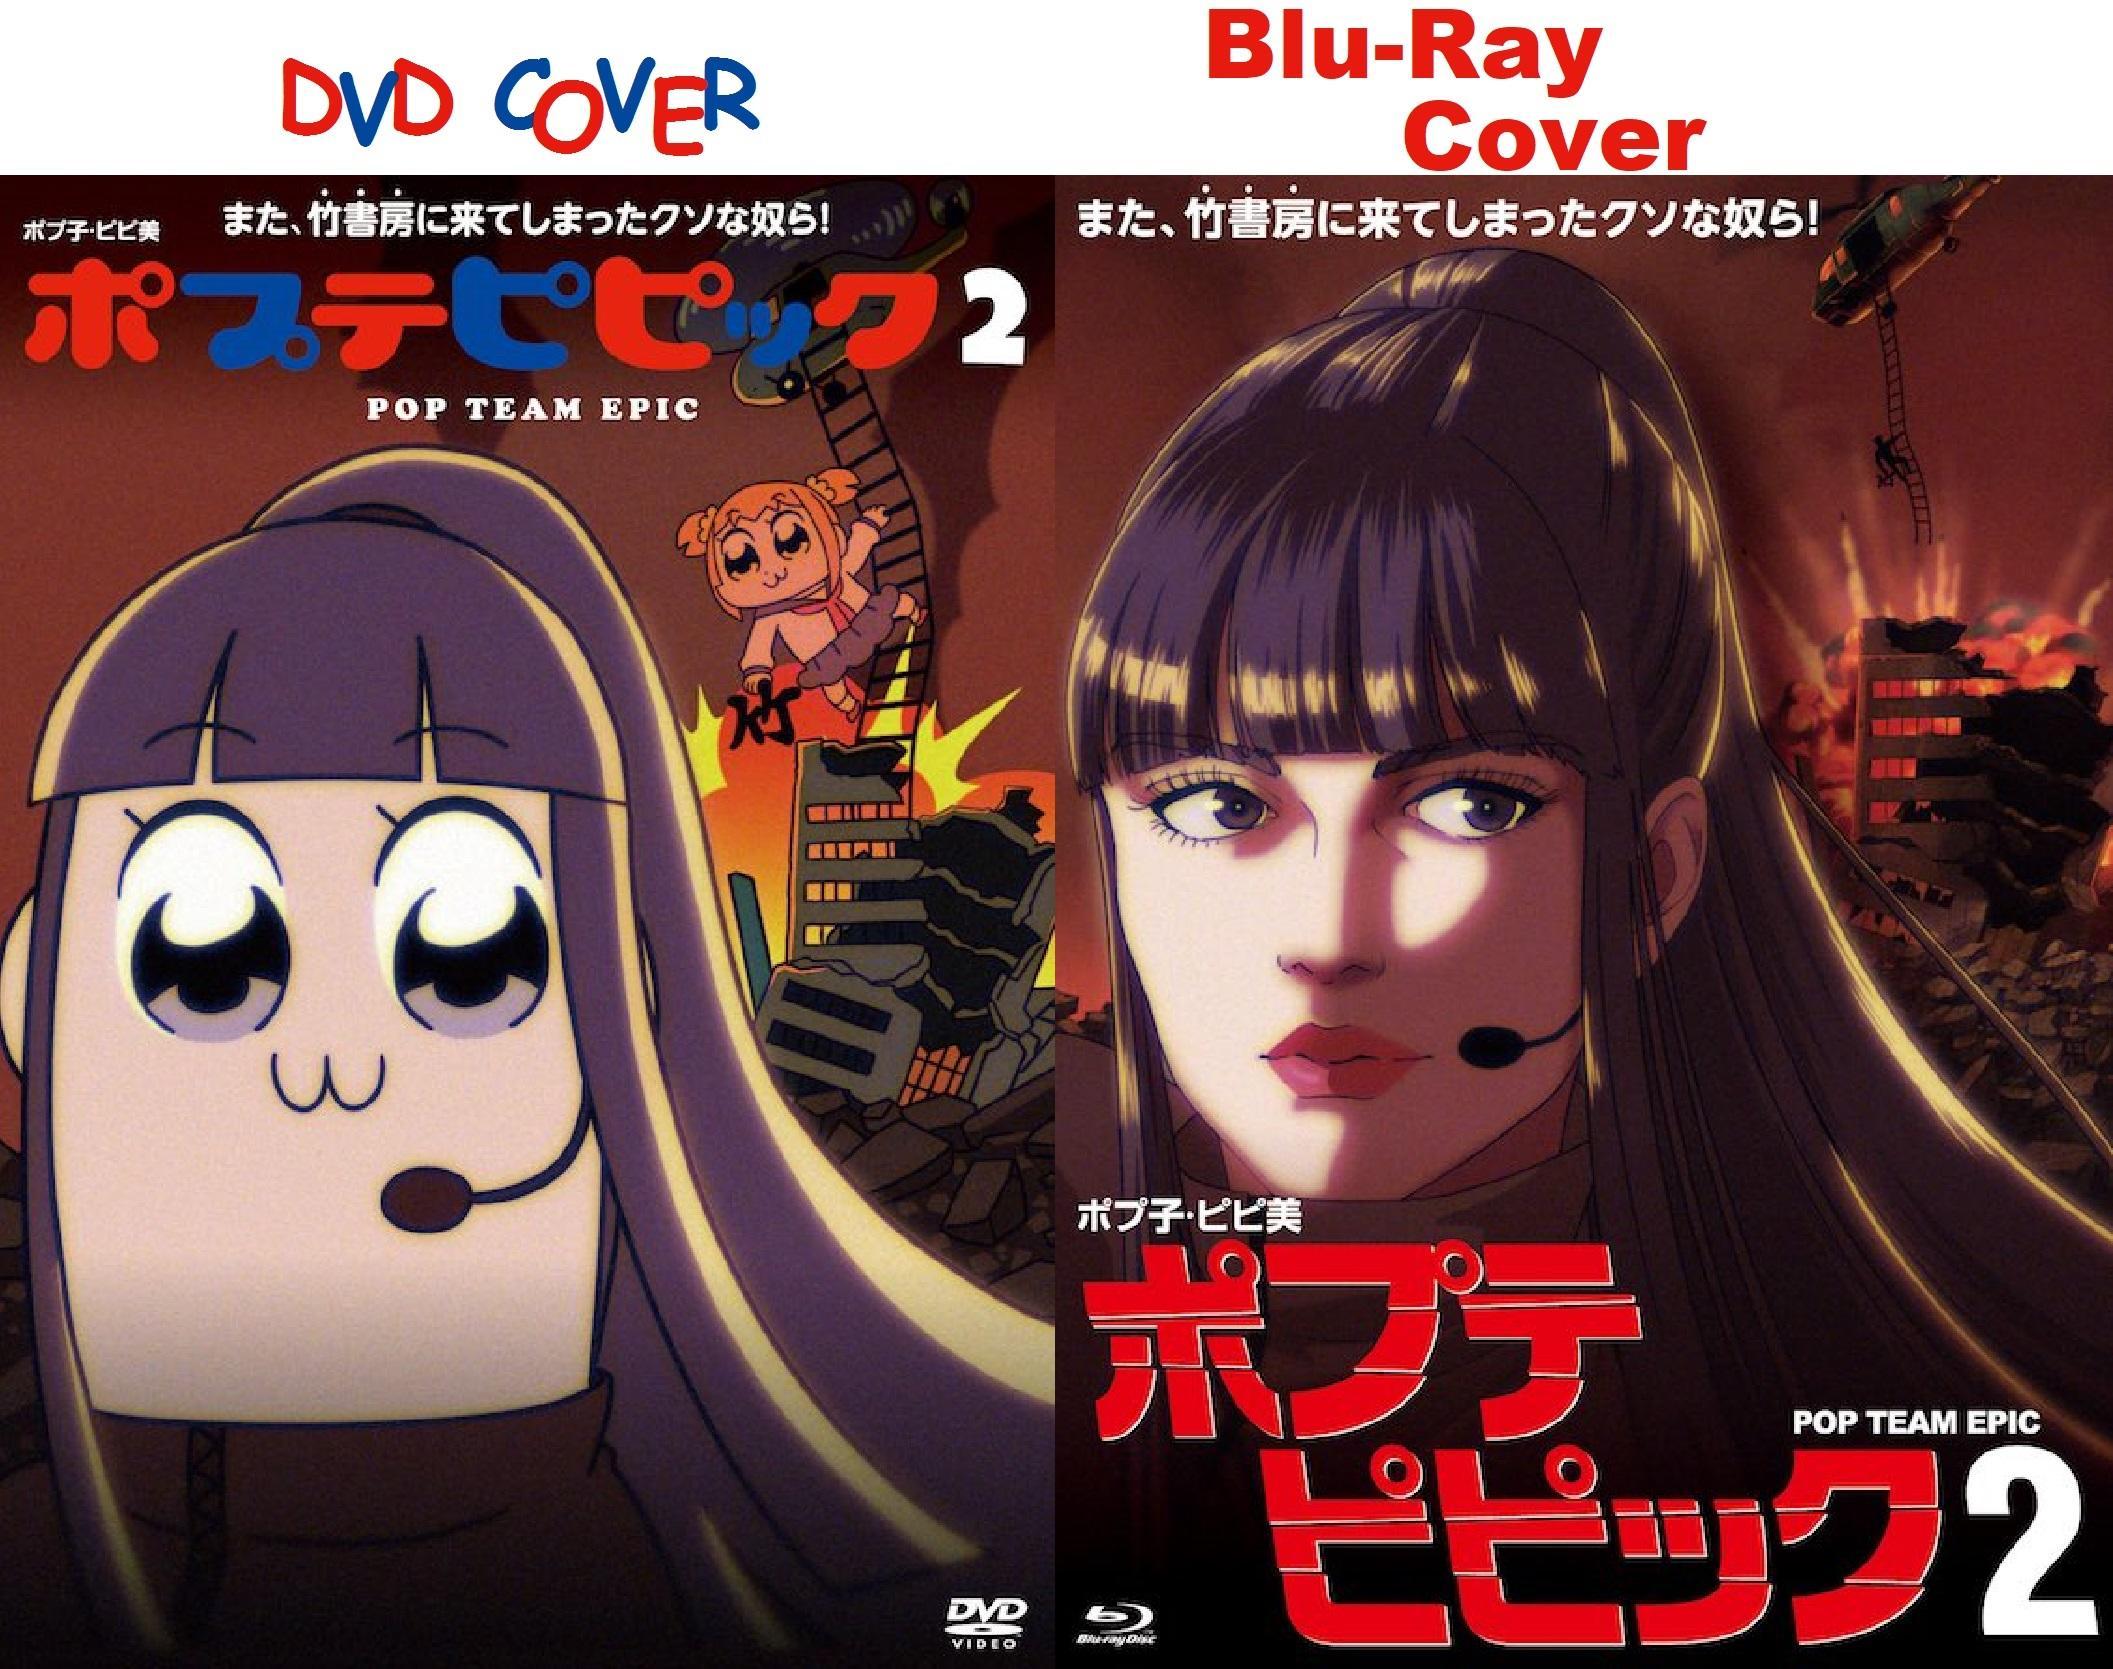 dvd  blu ray vol 2 cover art